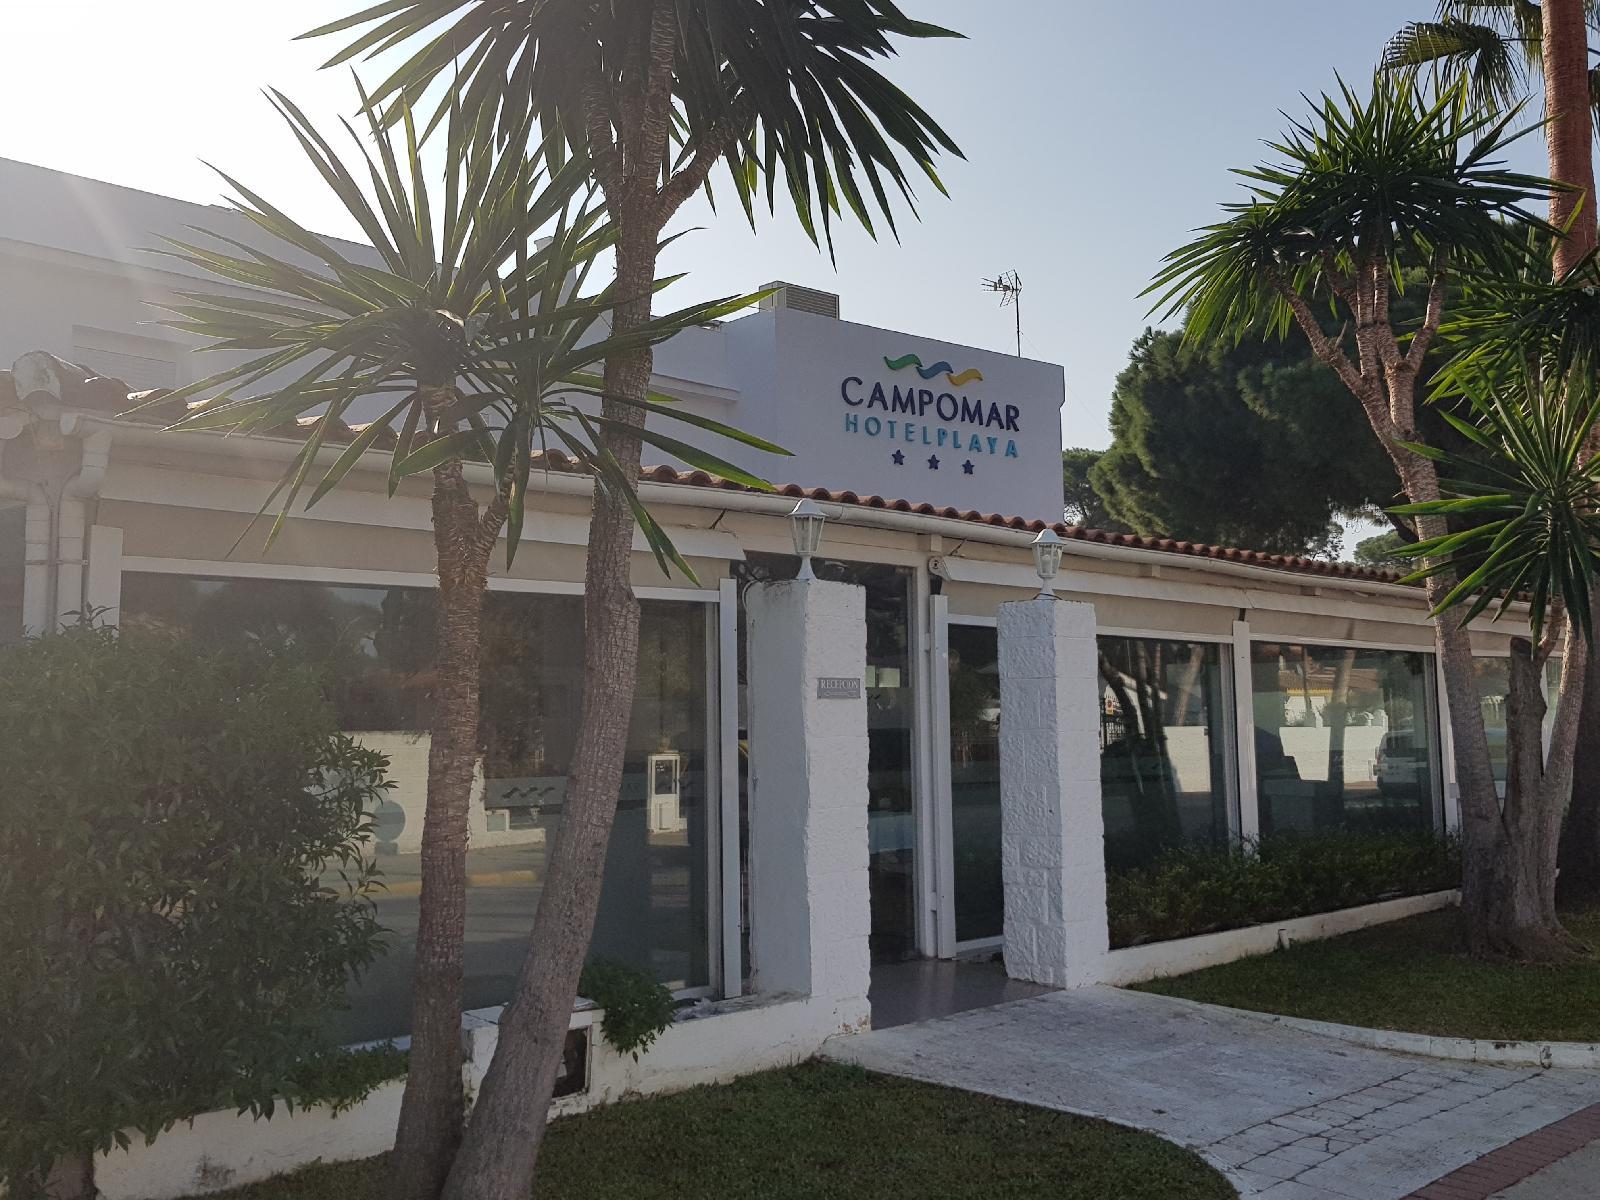 Hotel campomar playa en el puerto de santa mar a costa - Hotel campomar el puerto de sta maria ...